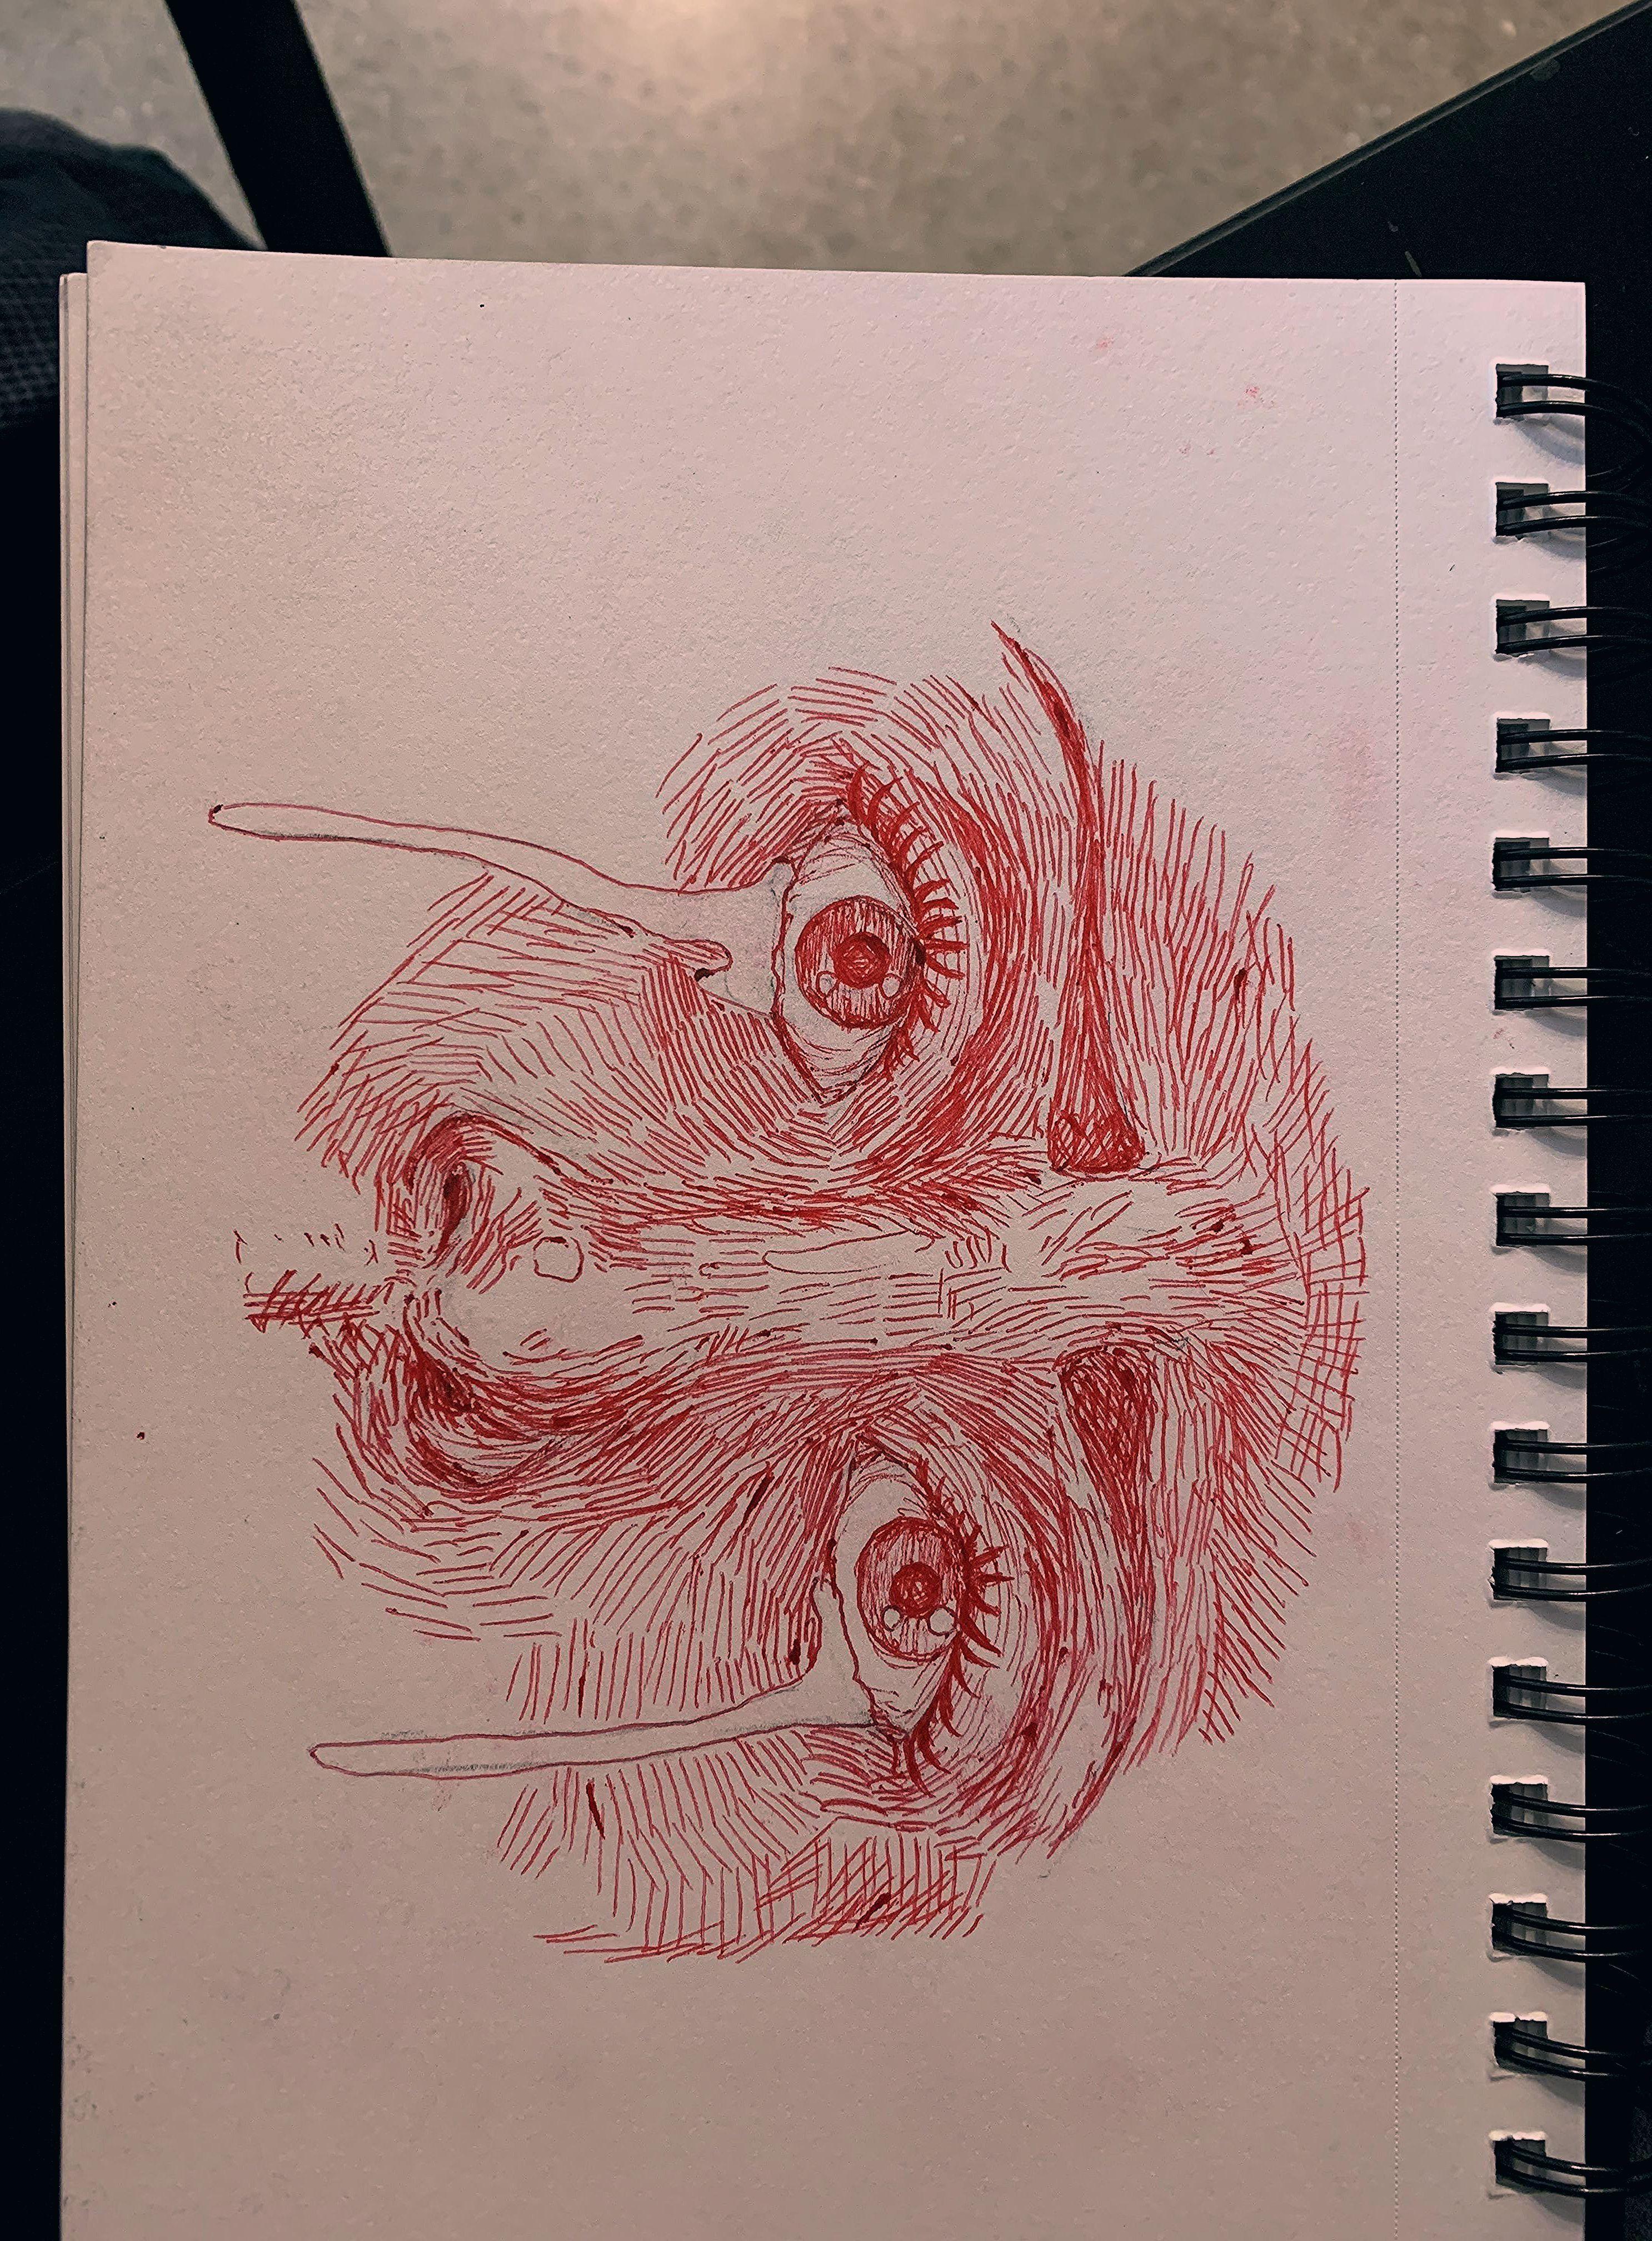 Red Eyes Sketch Dogsphotography In 2020 Art Journal Inspiration Sketch Book Art Sketchbook